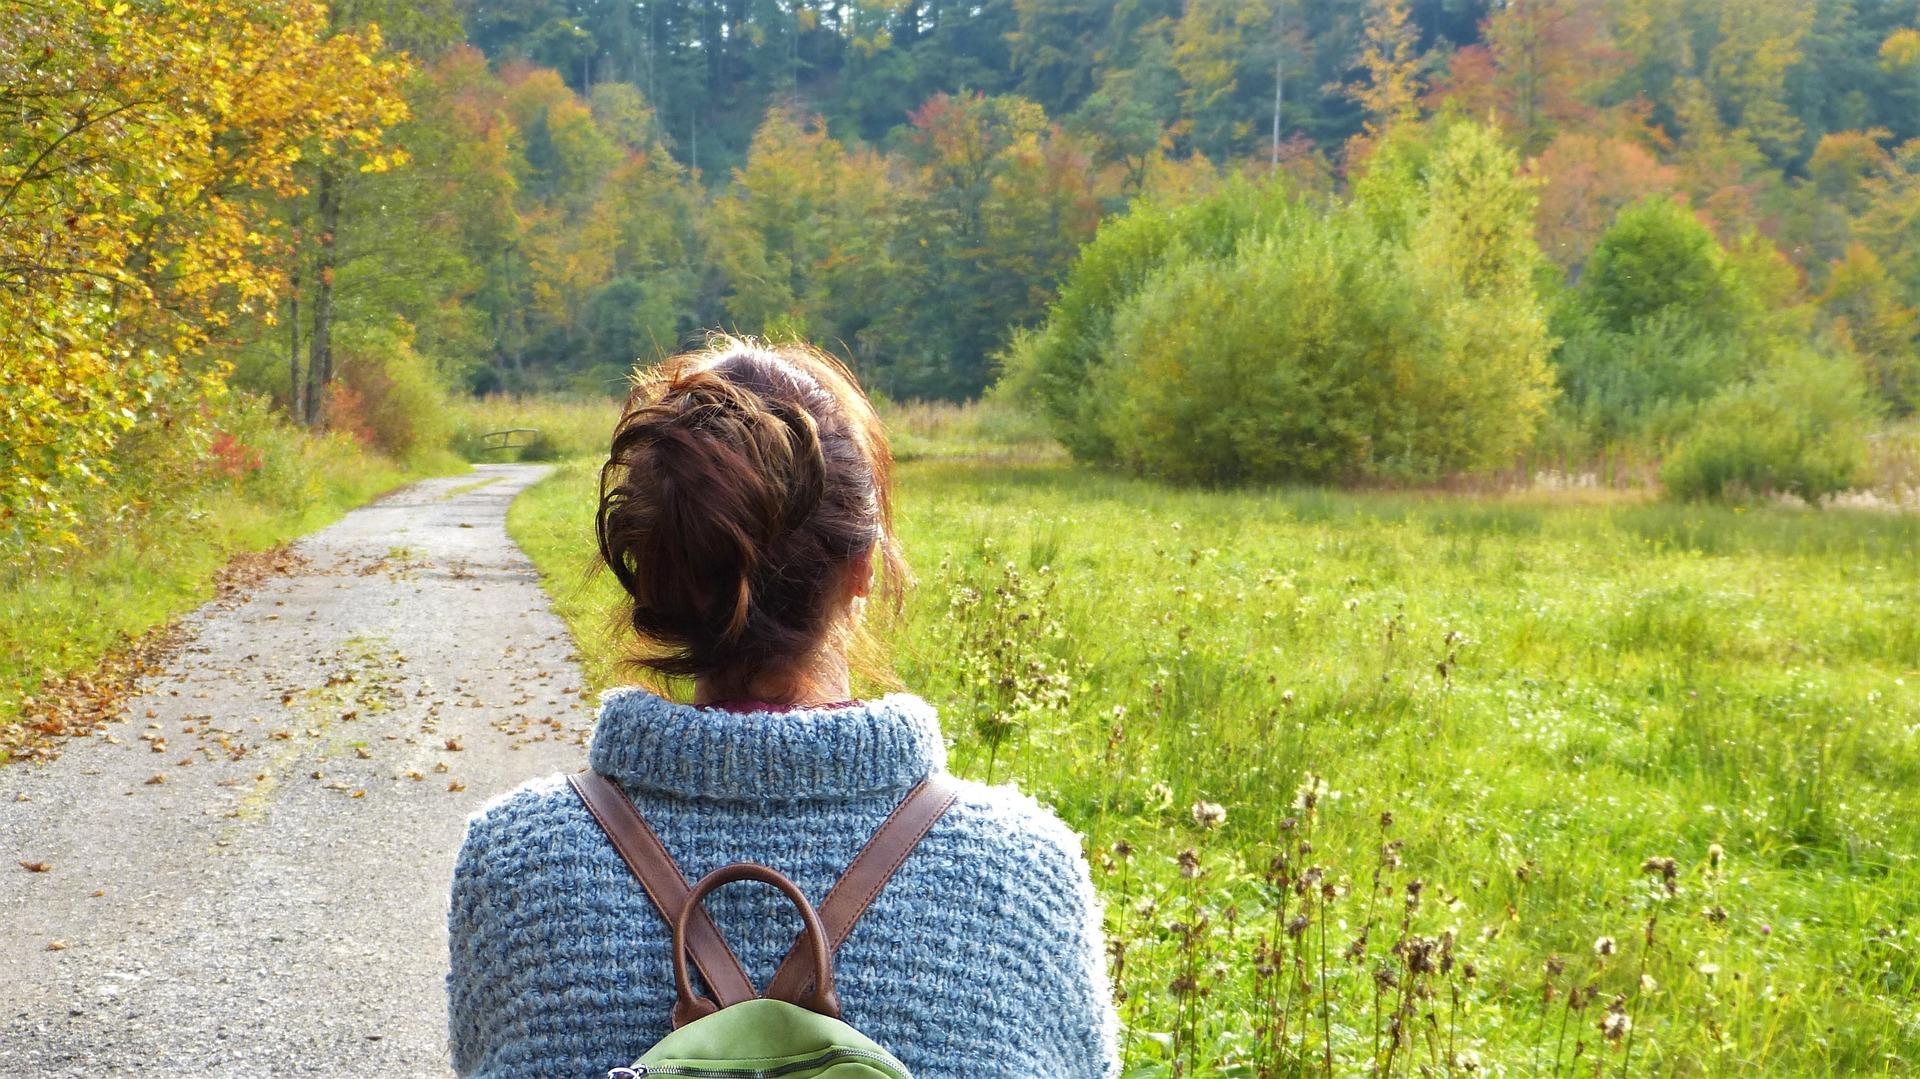 Profiter d'une balade nature en solo pour nous reconnecter à notre ouïe